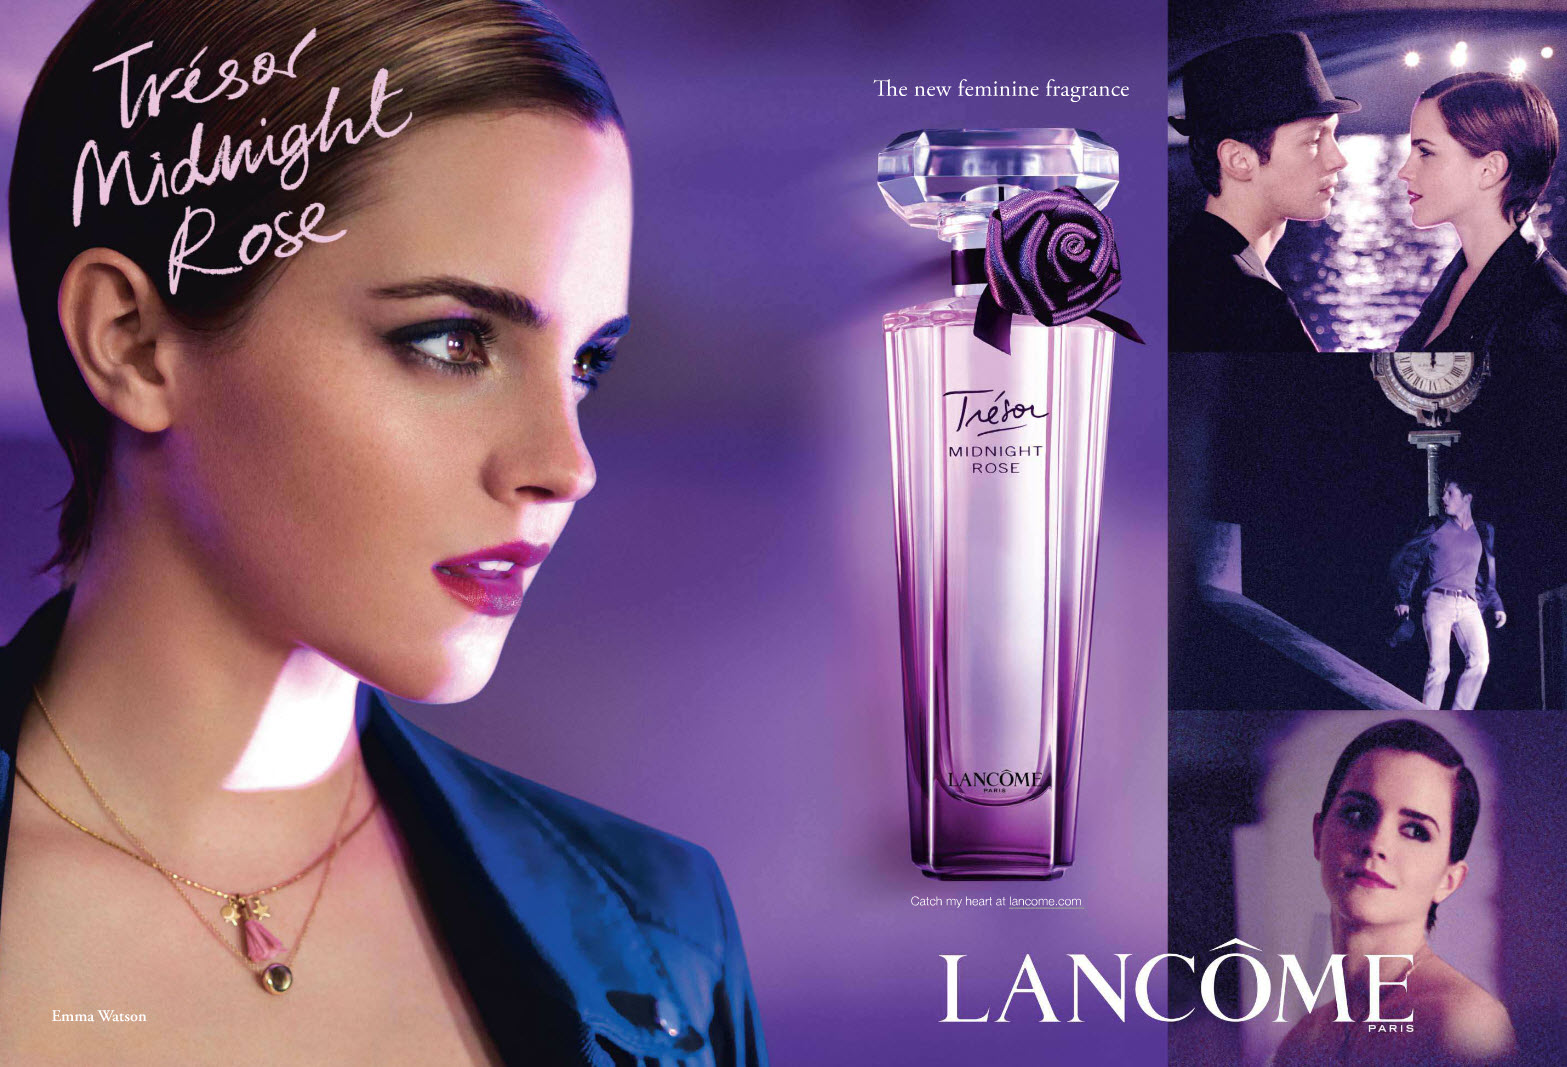 Lancôme Trésor CampaignArt8amby's Ad Rose Fragrance Midnight 2011 OiPXuwkZTl